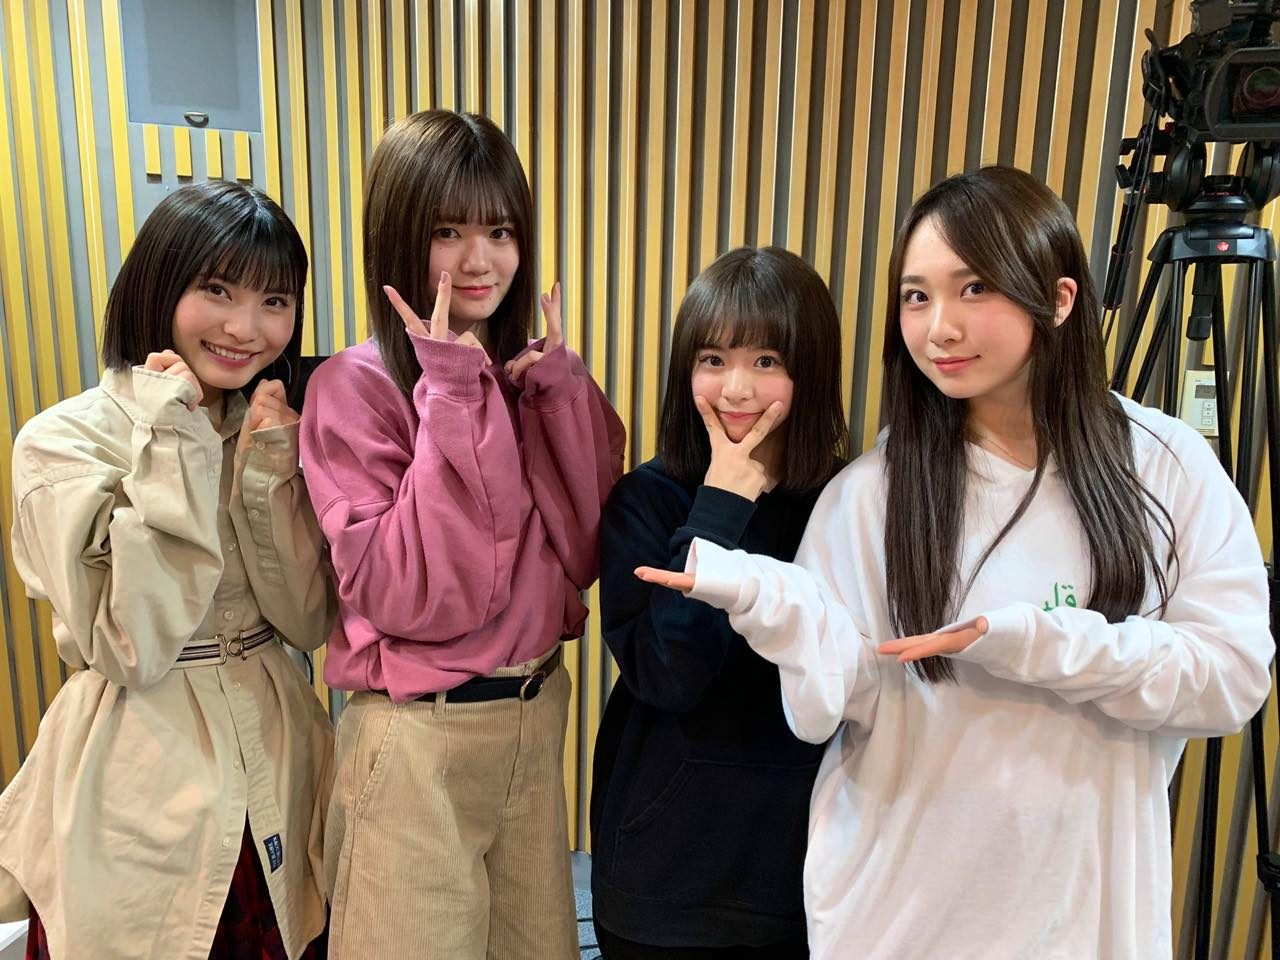 AKB48高橋朱里・福岡聖菜・倉野尾成美・中野郁海「AKB48のオールナイトニッポン」オフショット